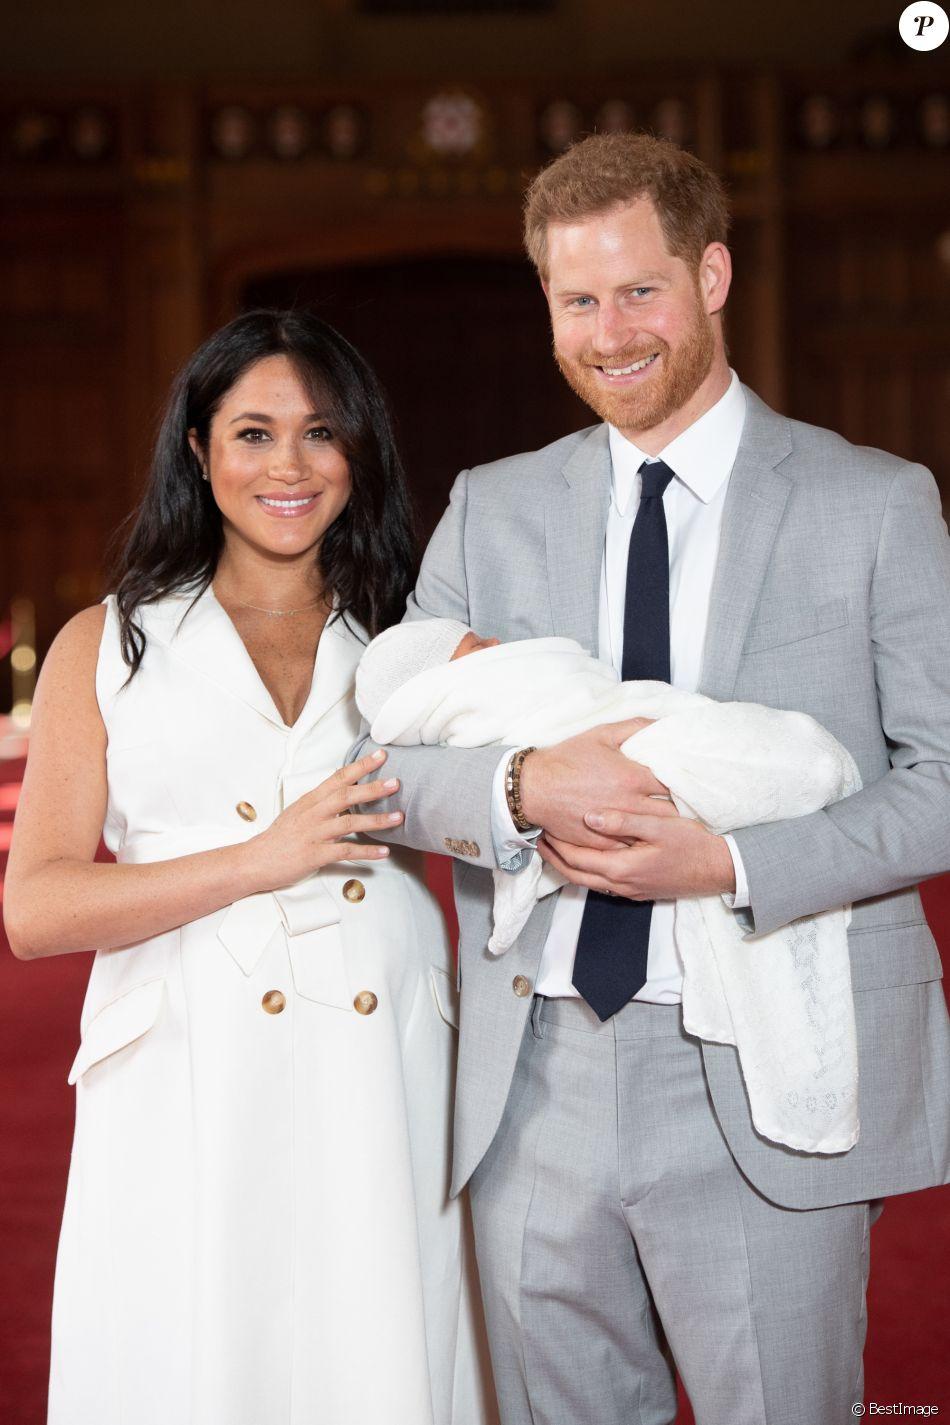 Le prince Harry et Meghan Markle, duc et duchesse de Sussex, présentent leur fils Archie Harrison Mountbatten-Windsor dans le hall St George au château de Windsor le 8 mai 2019.